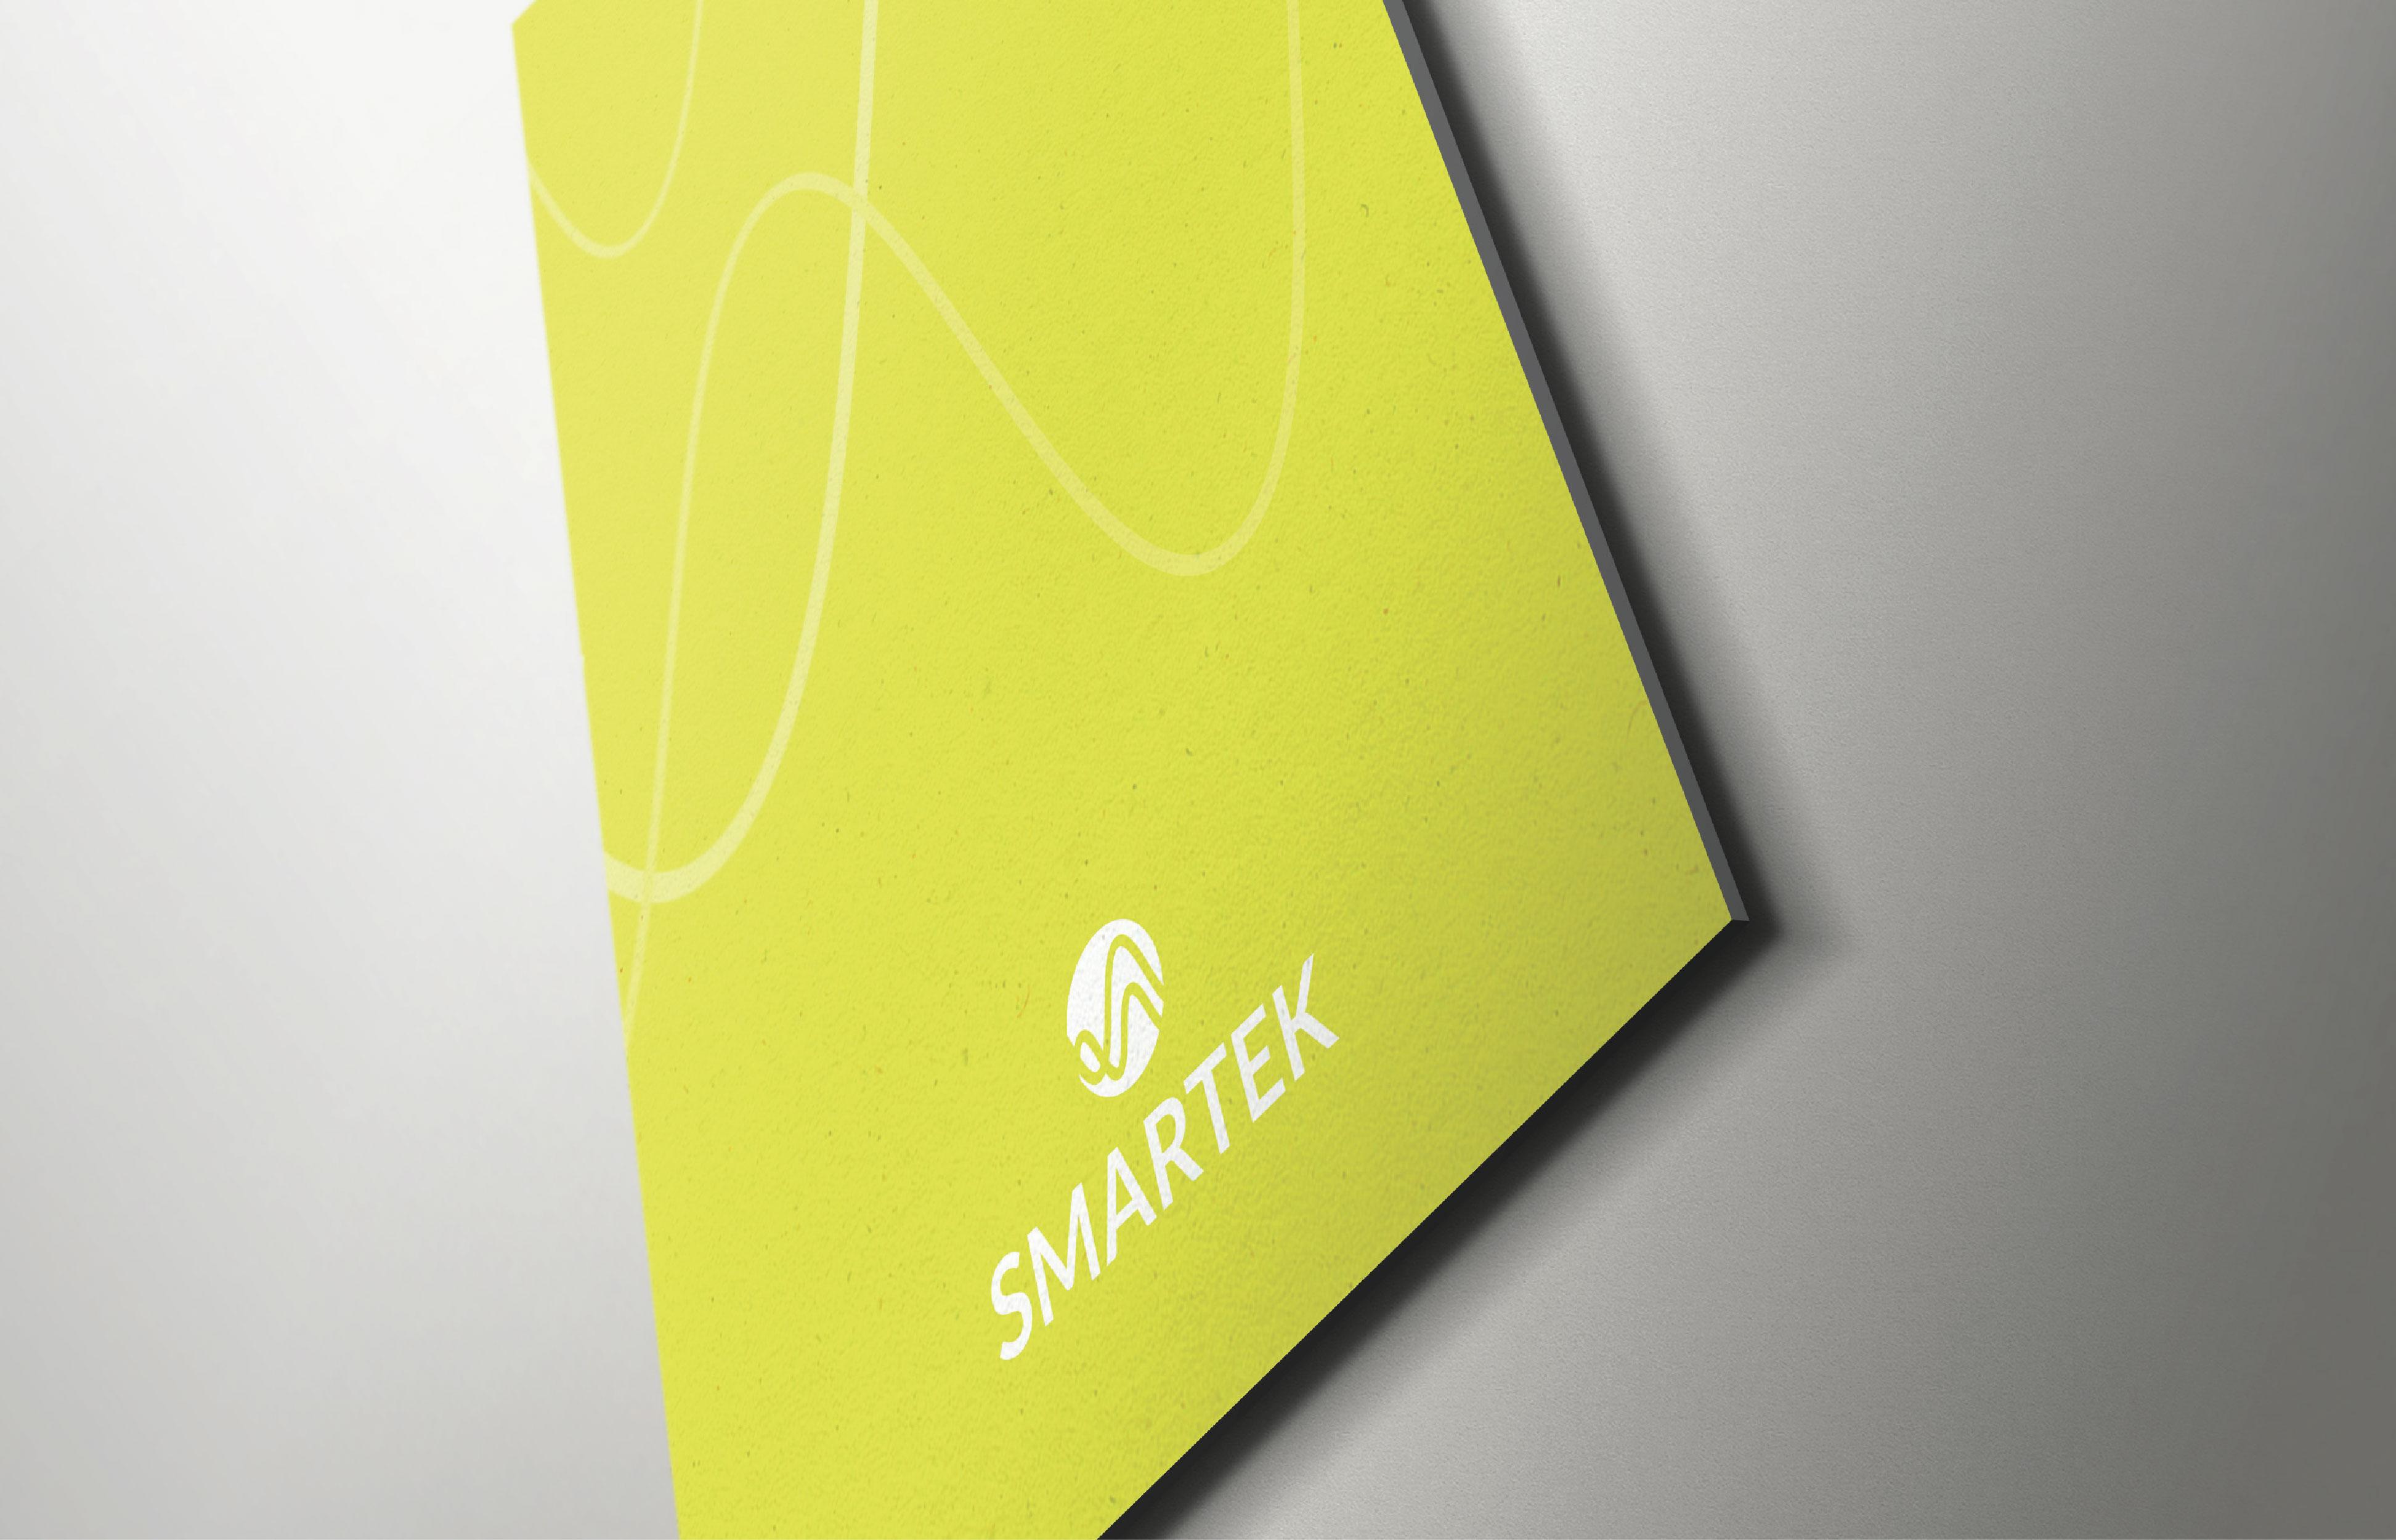 SMARTEK NUOVO-08